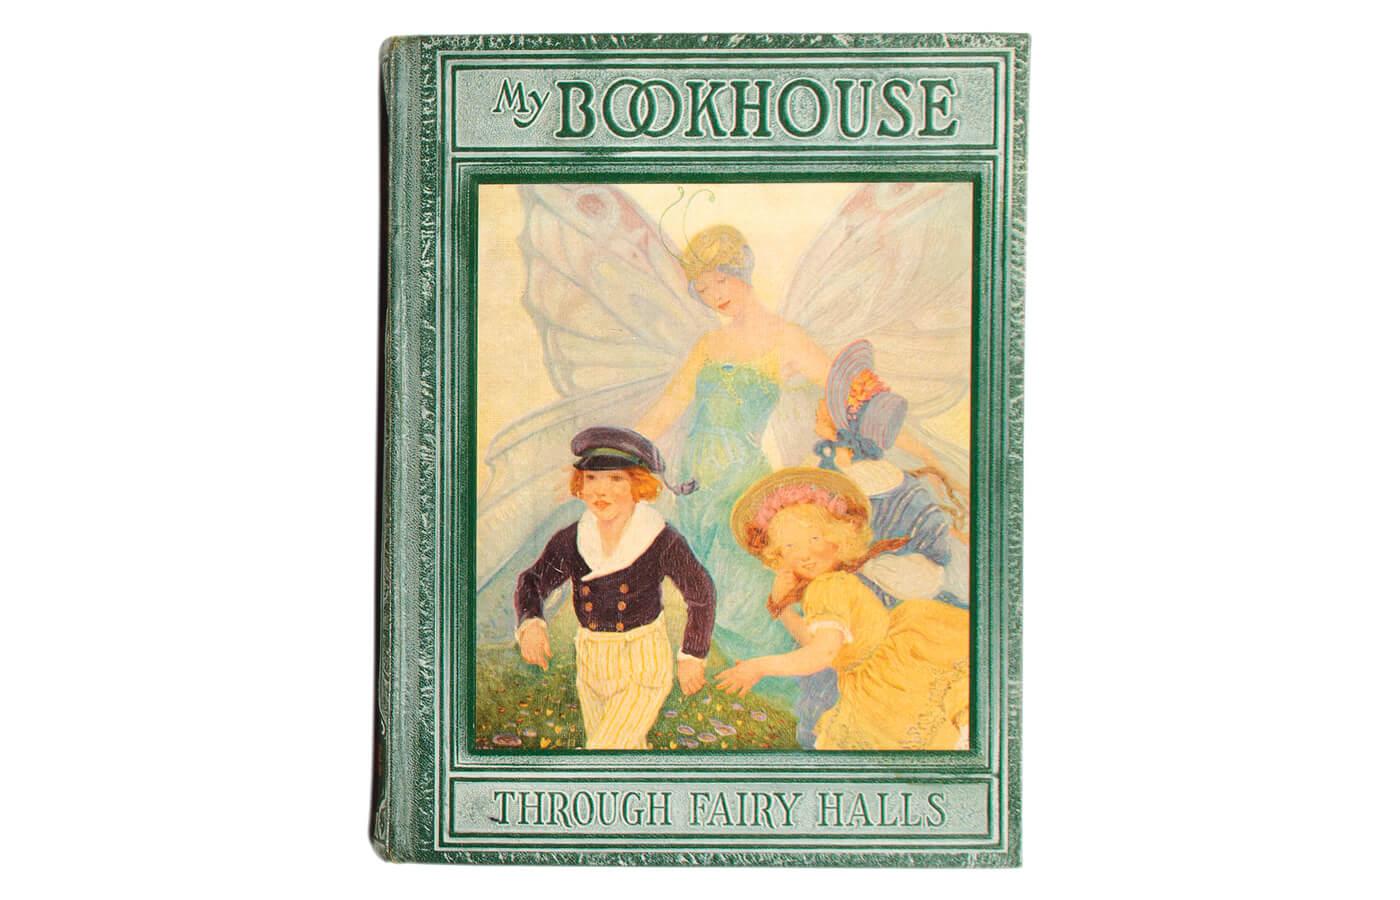 Through Fairy Halls